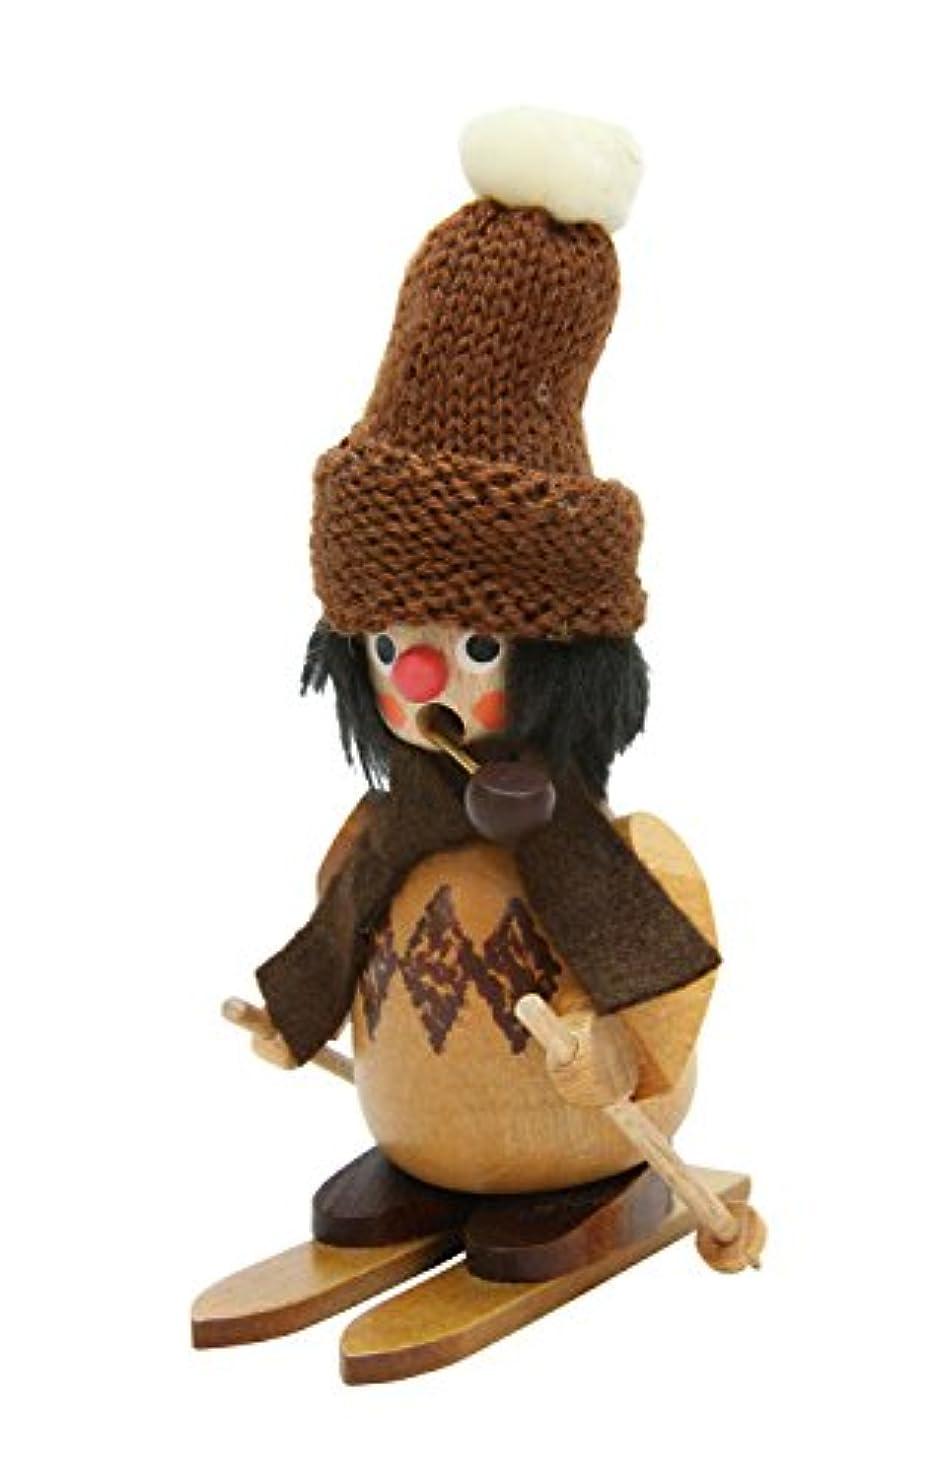 酔うしみ白内障Alexander Taron 35-791 Christian Ulbricht Incense Burner - Skier with Fuzzy Hat in a Natural Wood Finish